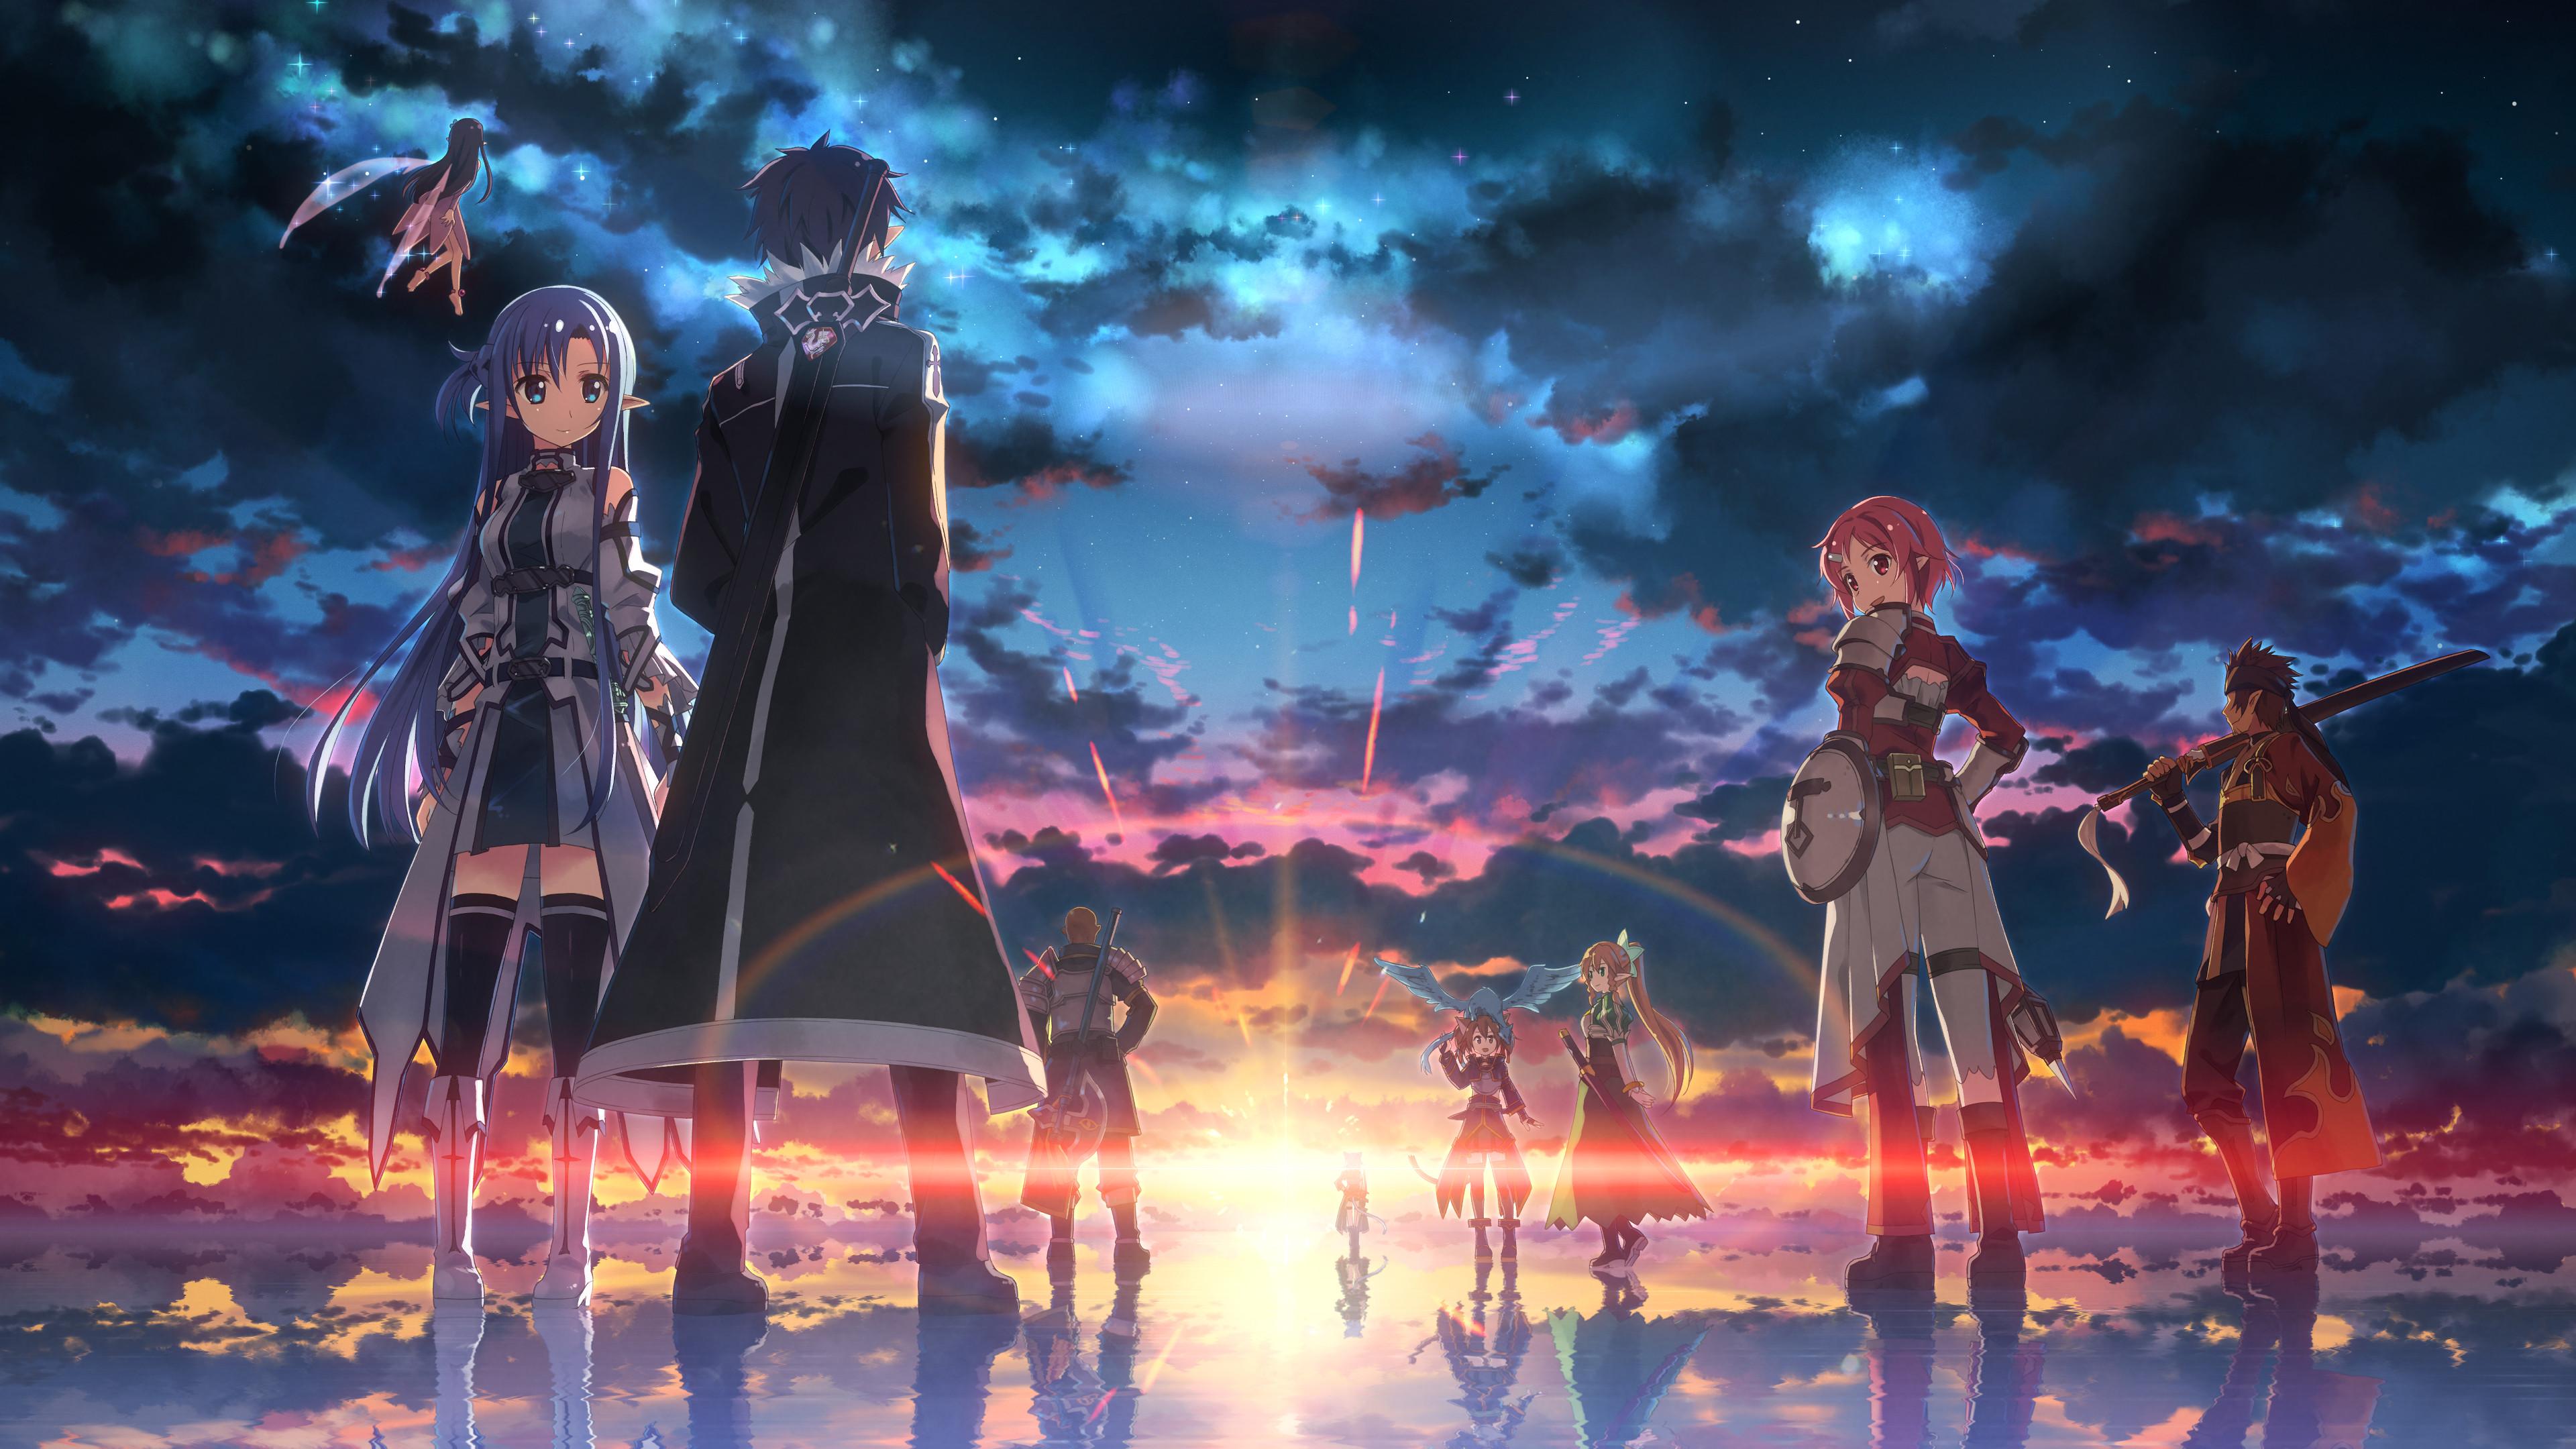 4k Wallpaper Anime Background   HD Wallpaper For Desktop 3840x2160